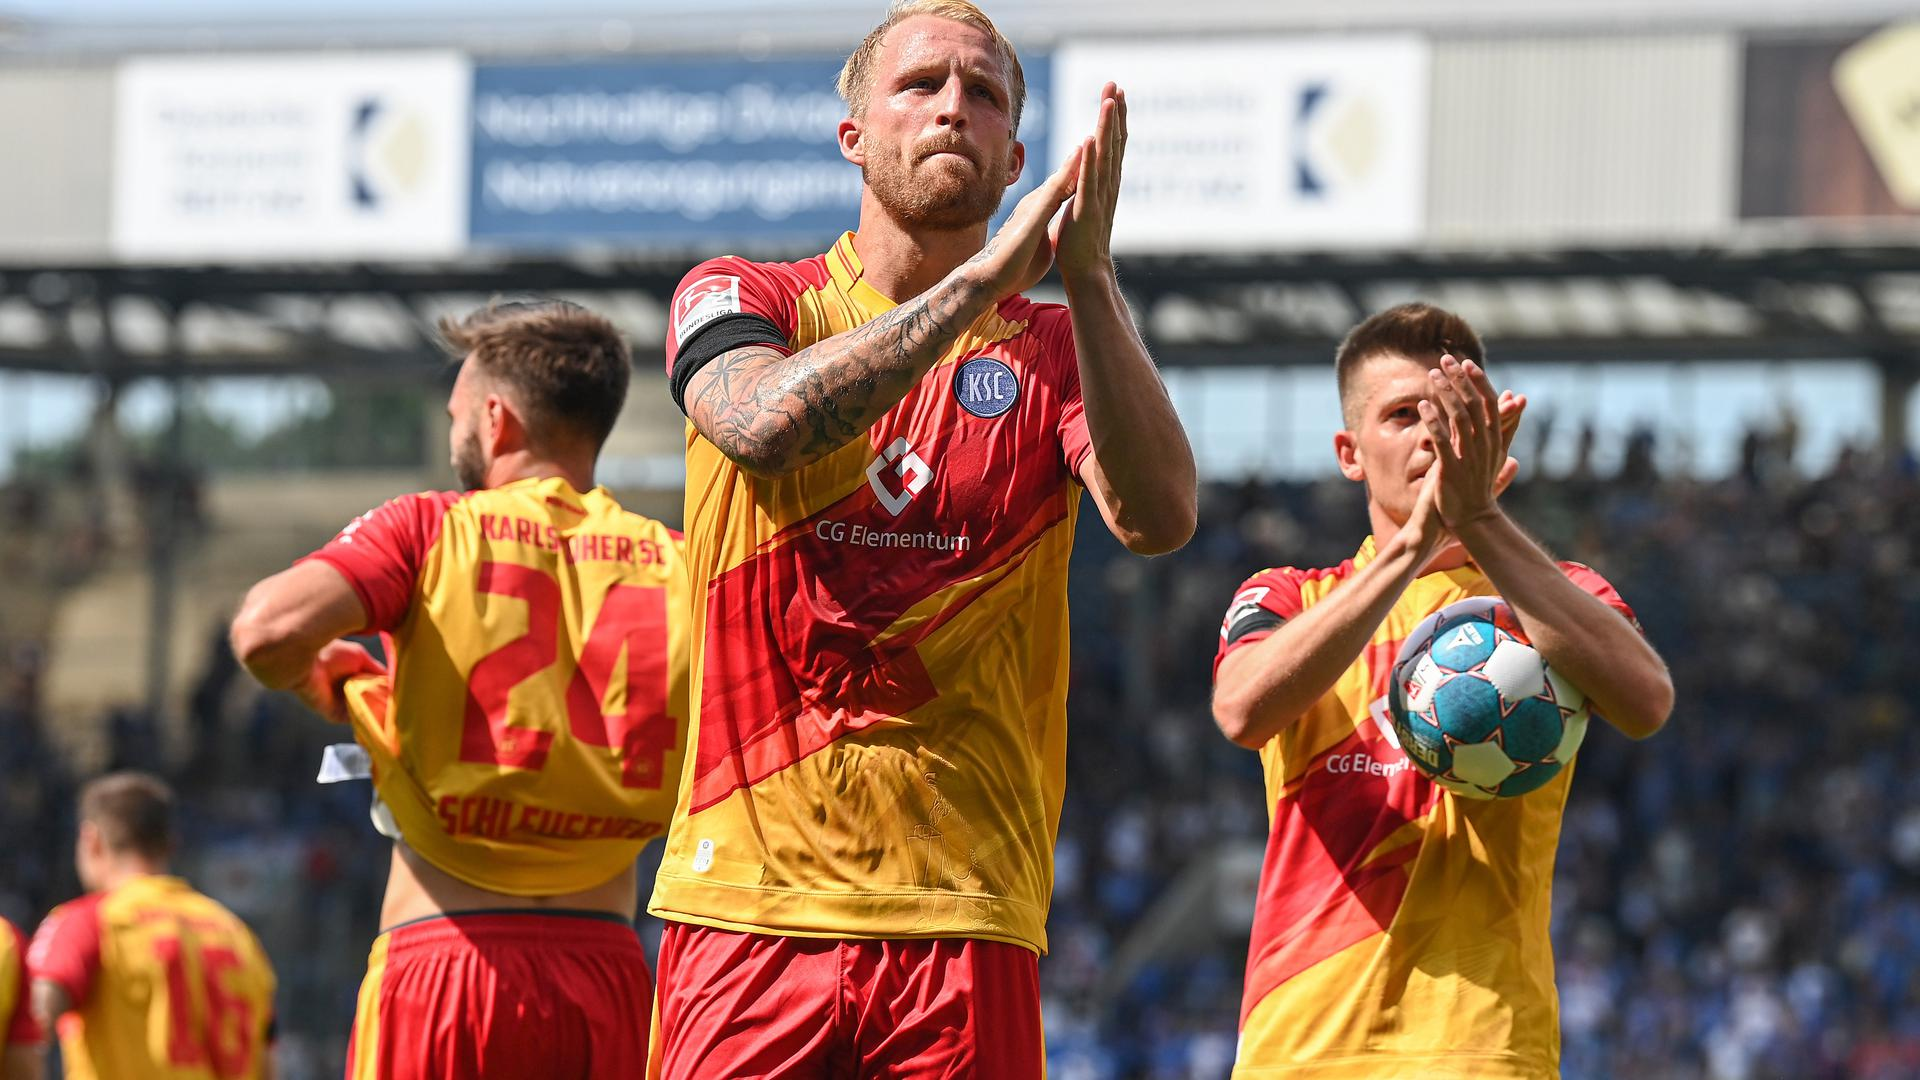 Aufatmen nach dem Auftakt: Philipp Hofmann und Marvin Wanitzek feiert mit mitgereisten KSC-Fans zum Saisonauftakt den 3:1-Sieg im Rostocker Ostseestadion.